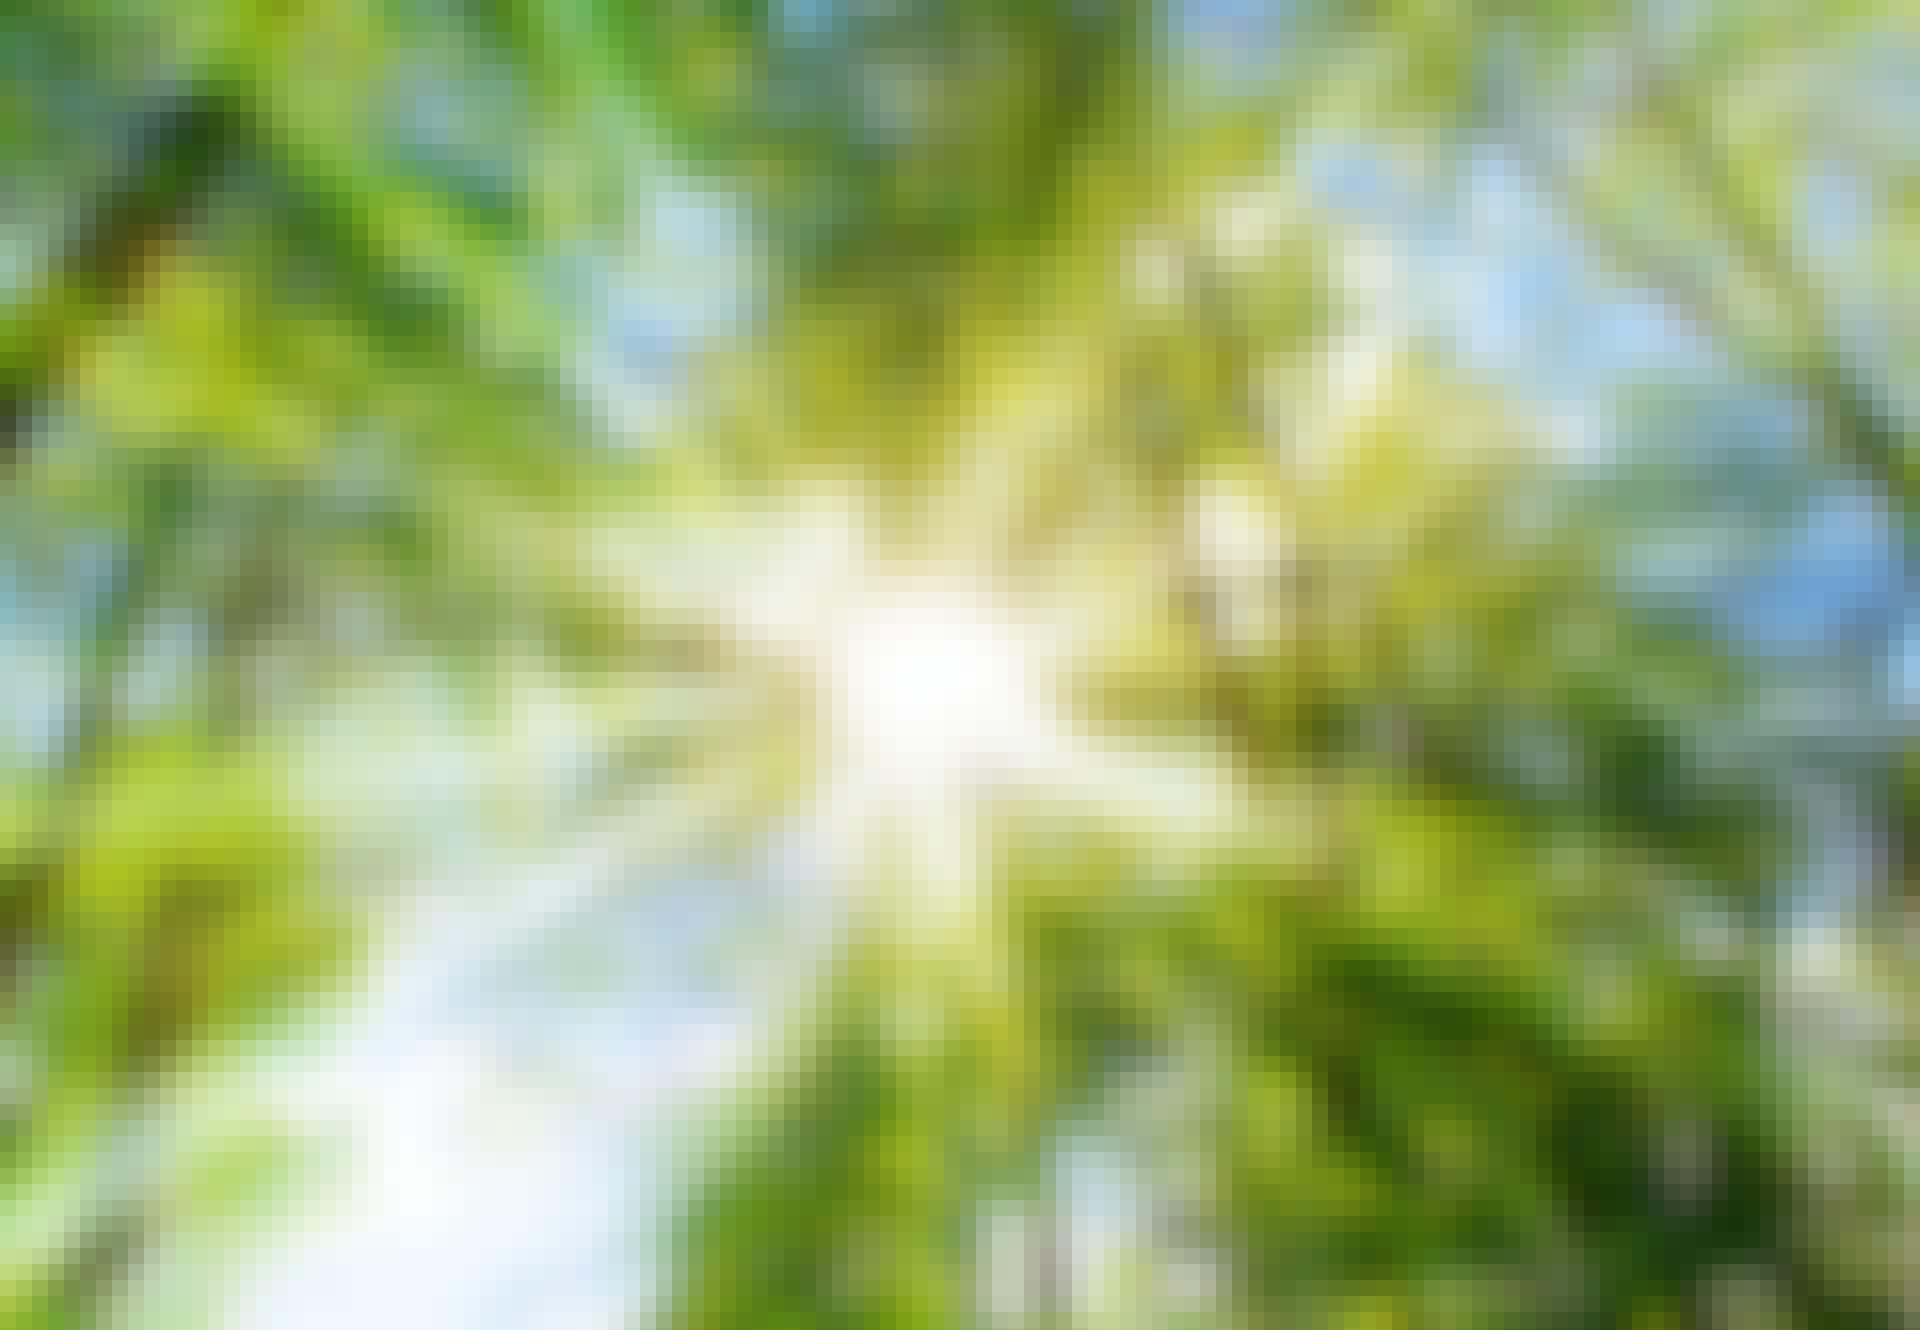 Auringon valo loistaa puiden latvusten välistä